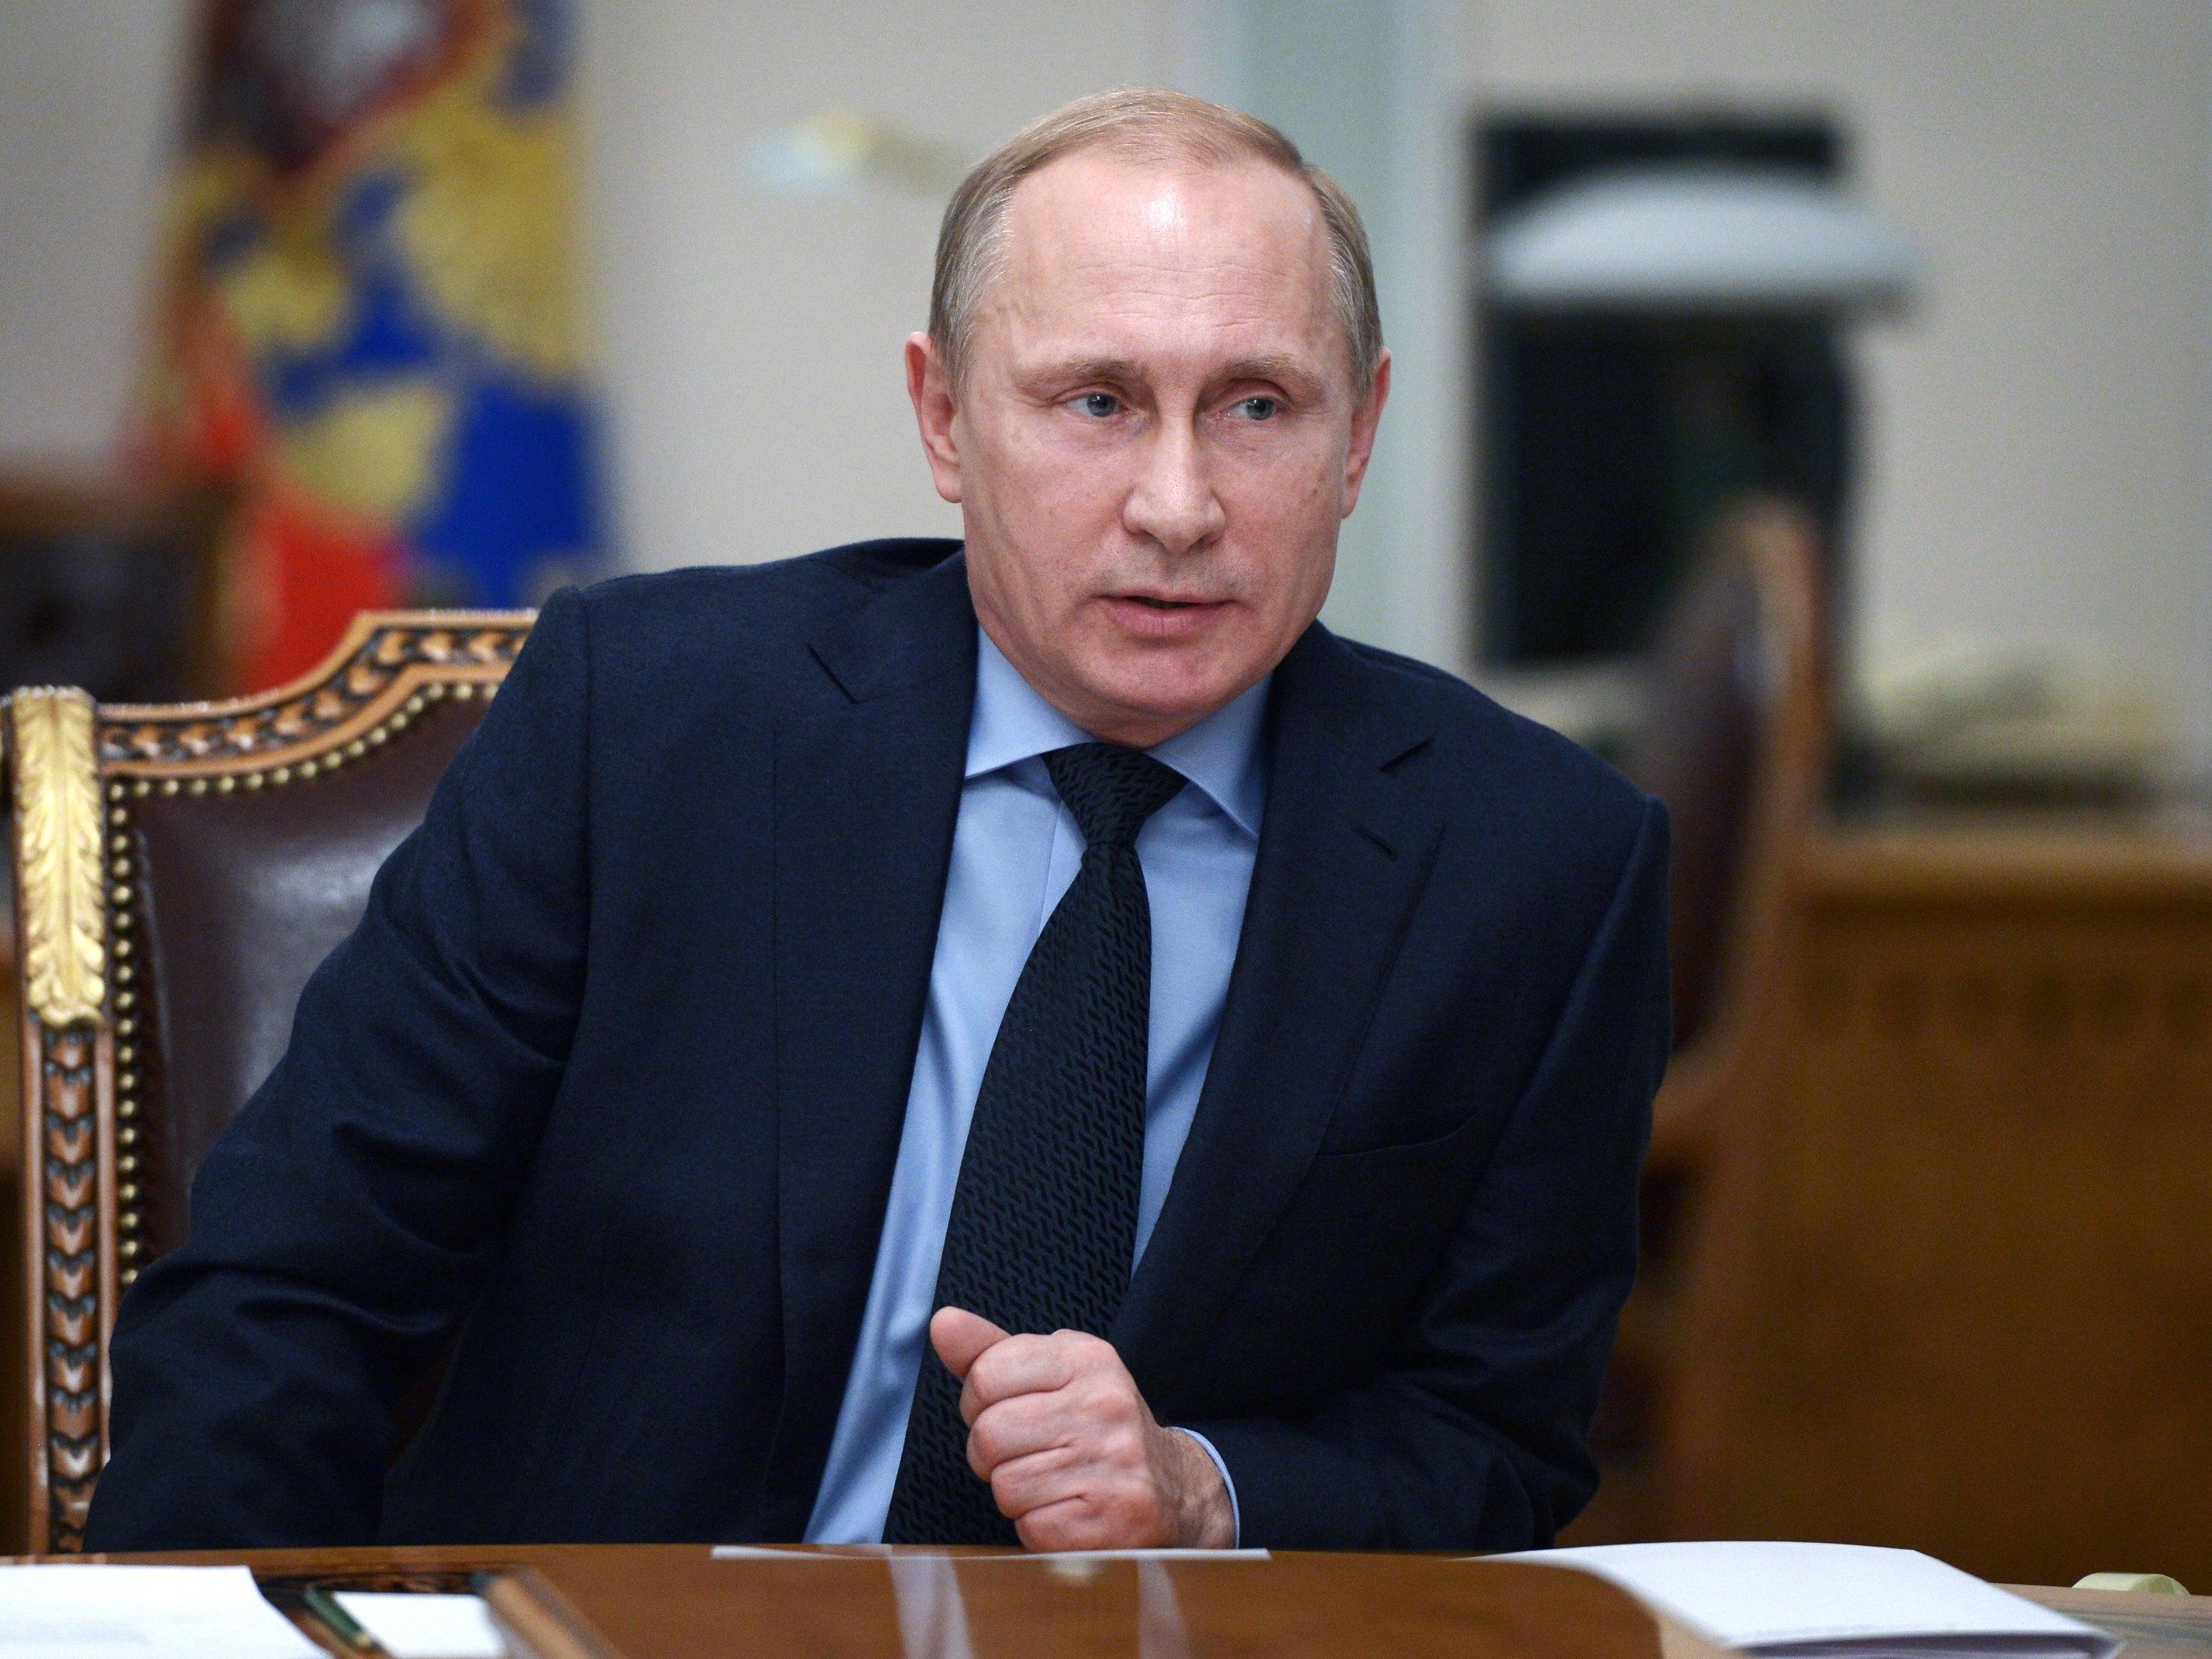 Ukraine-Krise: Russland kündigte Truppenverstärkung wegen aktueller Lage an